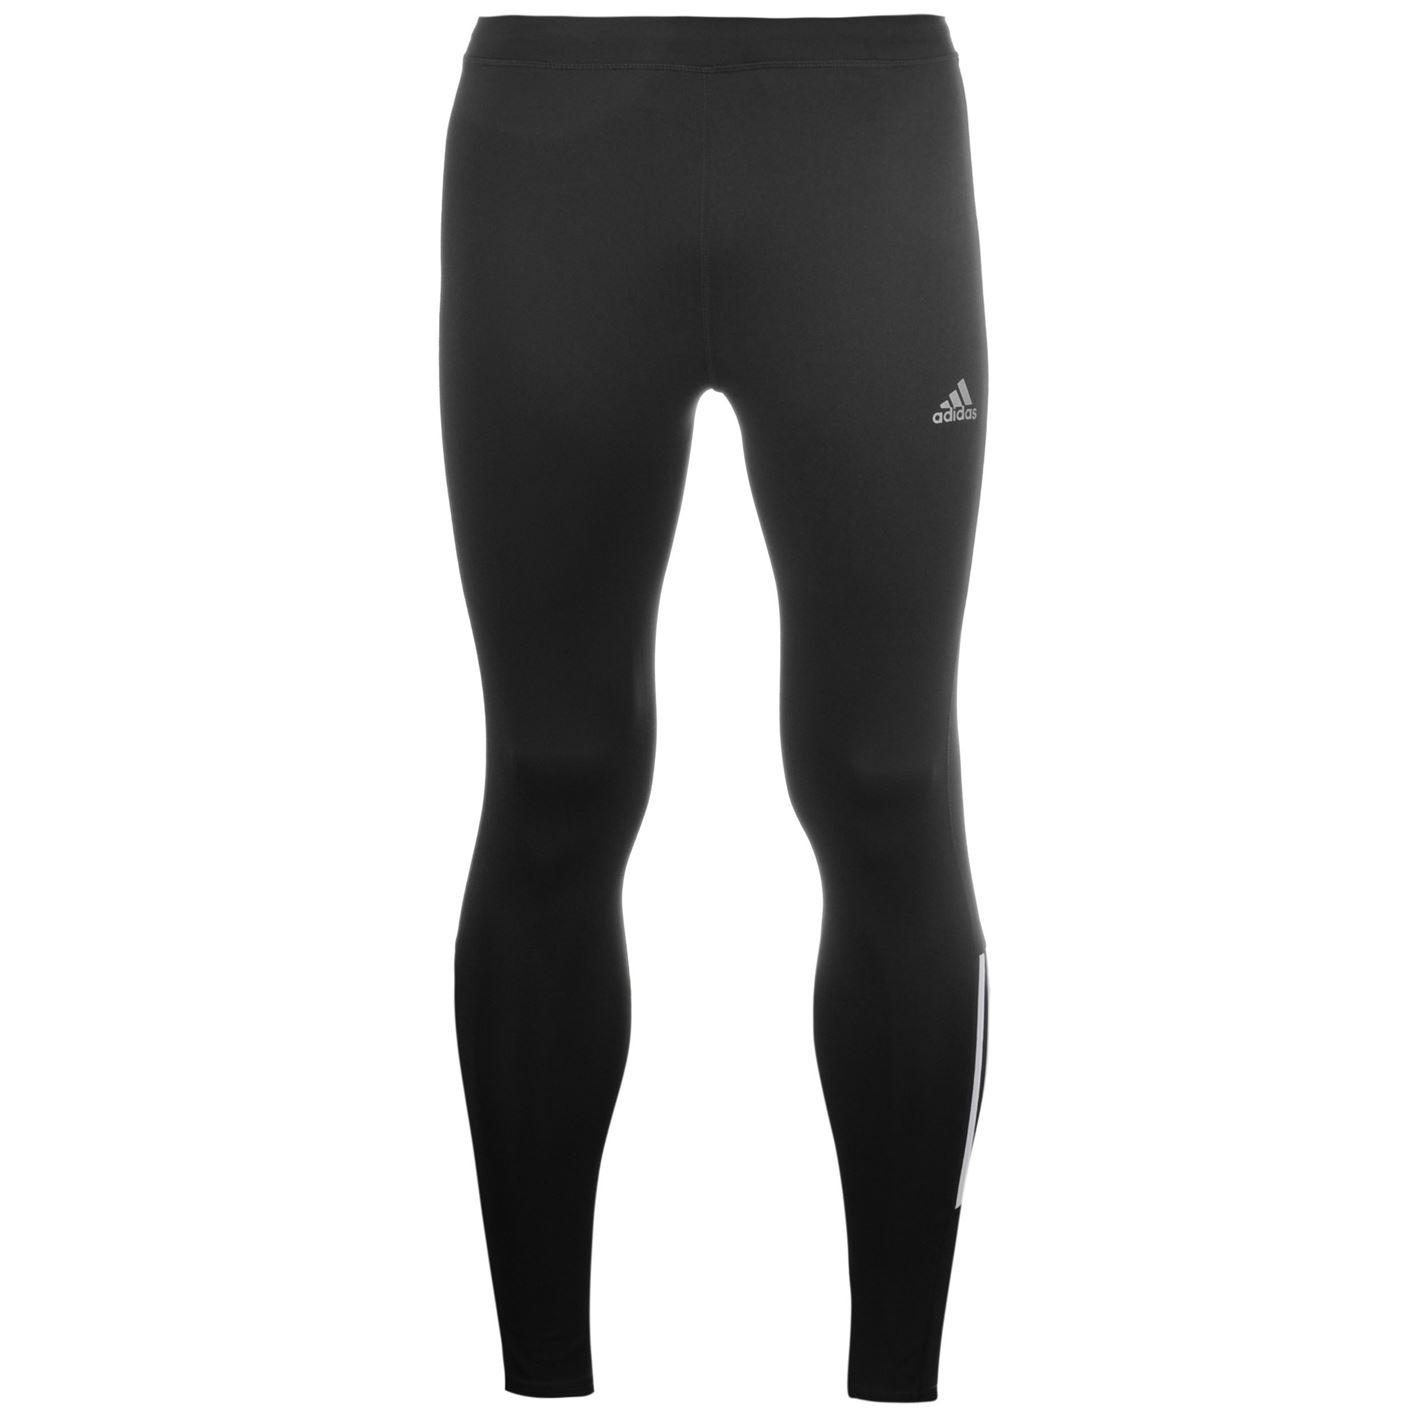 Adidas Questar Long Running Tights Mens